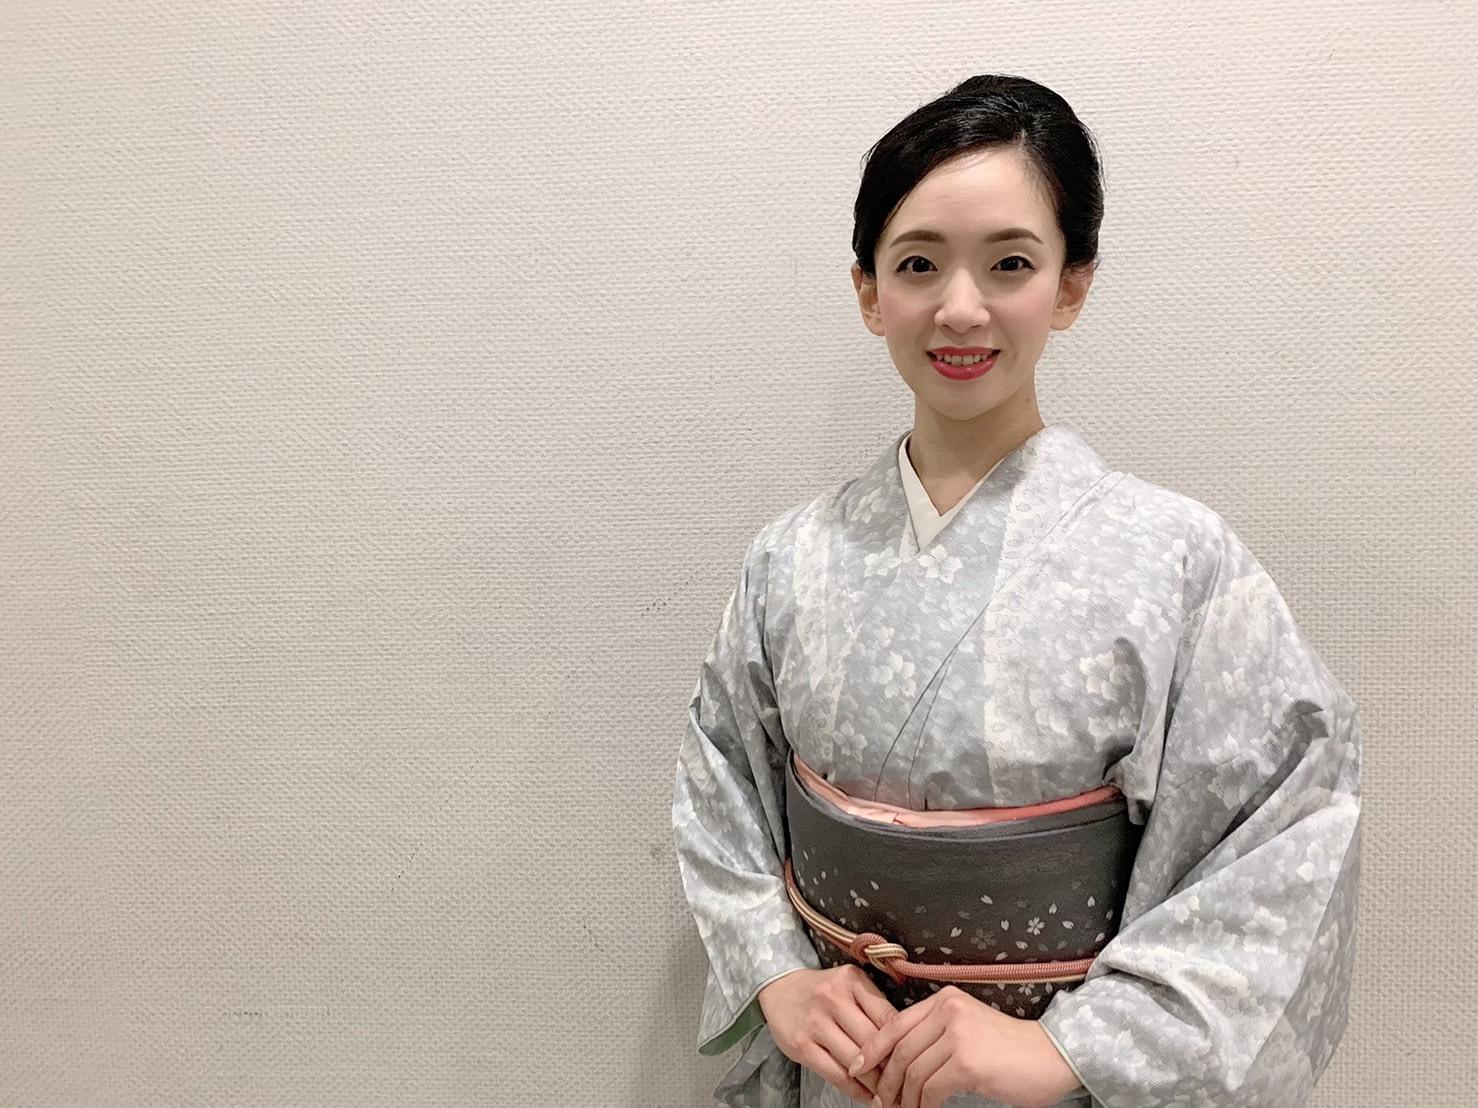 『第3回西郷南州偉人祭』出務ご報告/宮里_c0315907_15105843.jpg